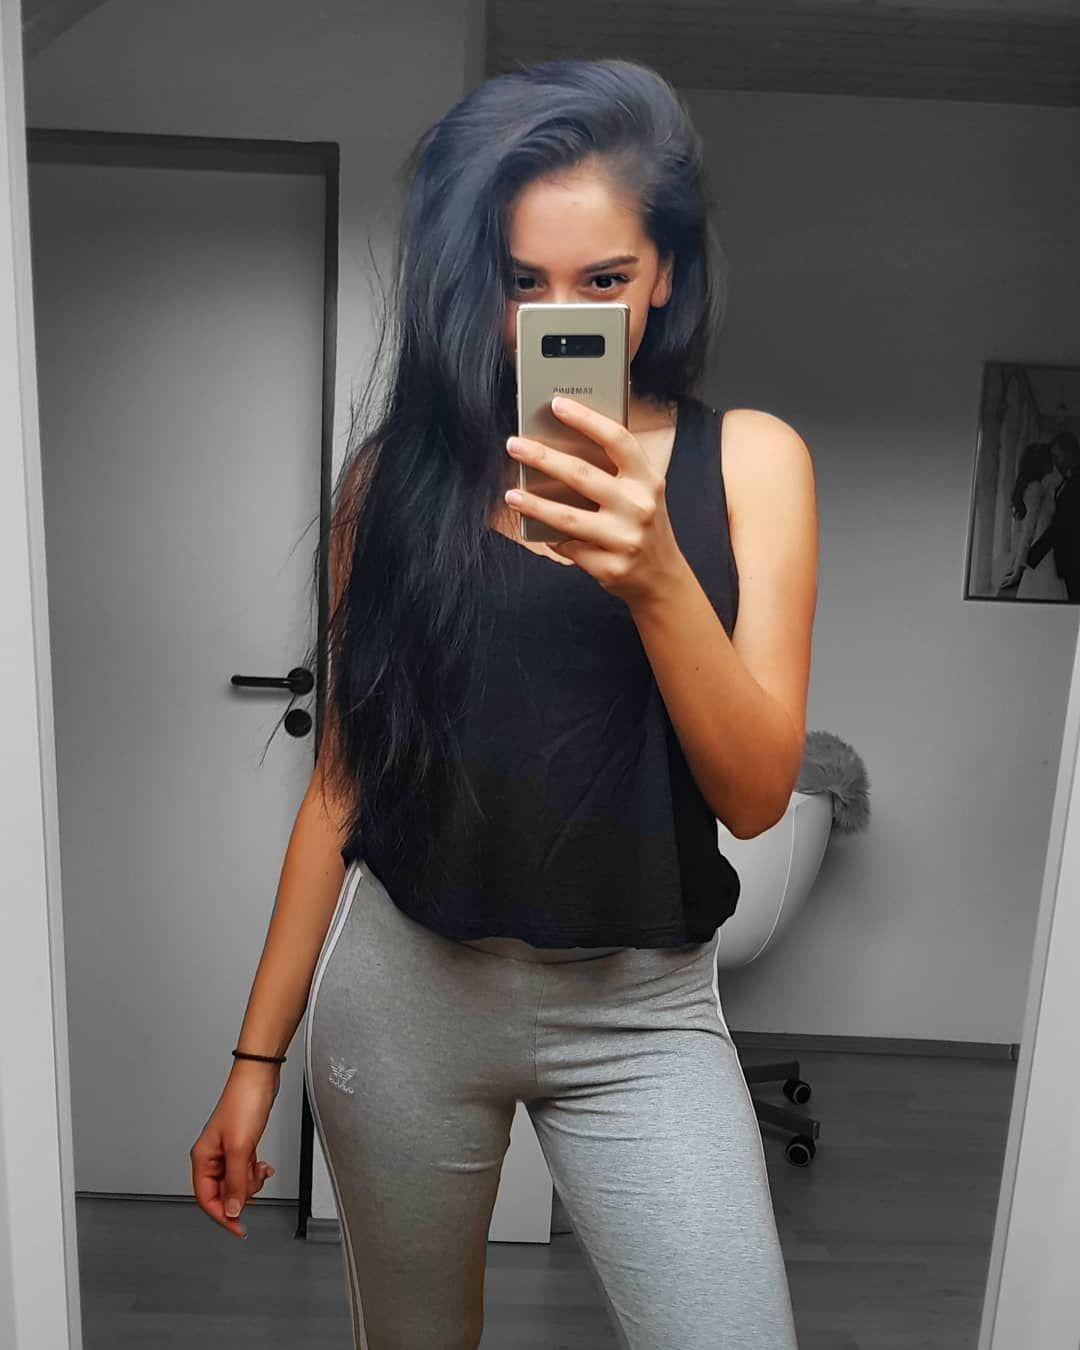 Summer is coming 🏋️♀️ • • • #fitnessaddict #fitnessgirl #fitness #fitnessblogger #potd #selfie #get...